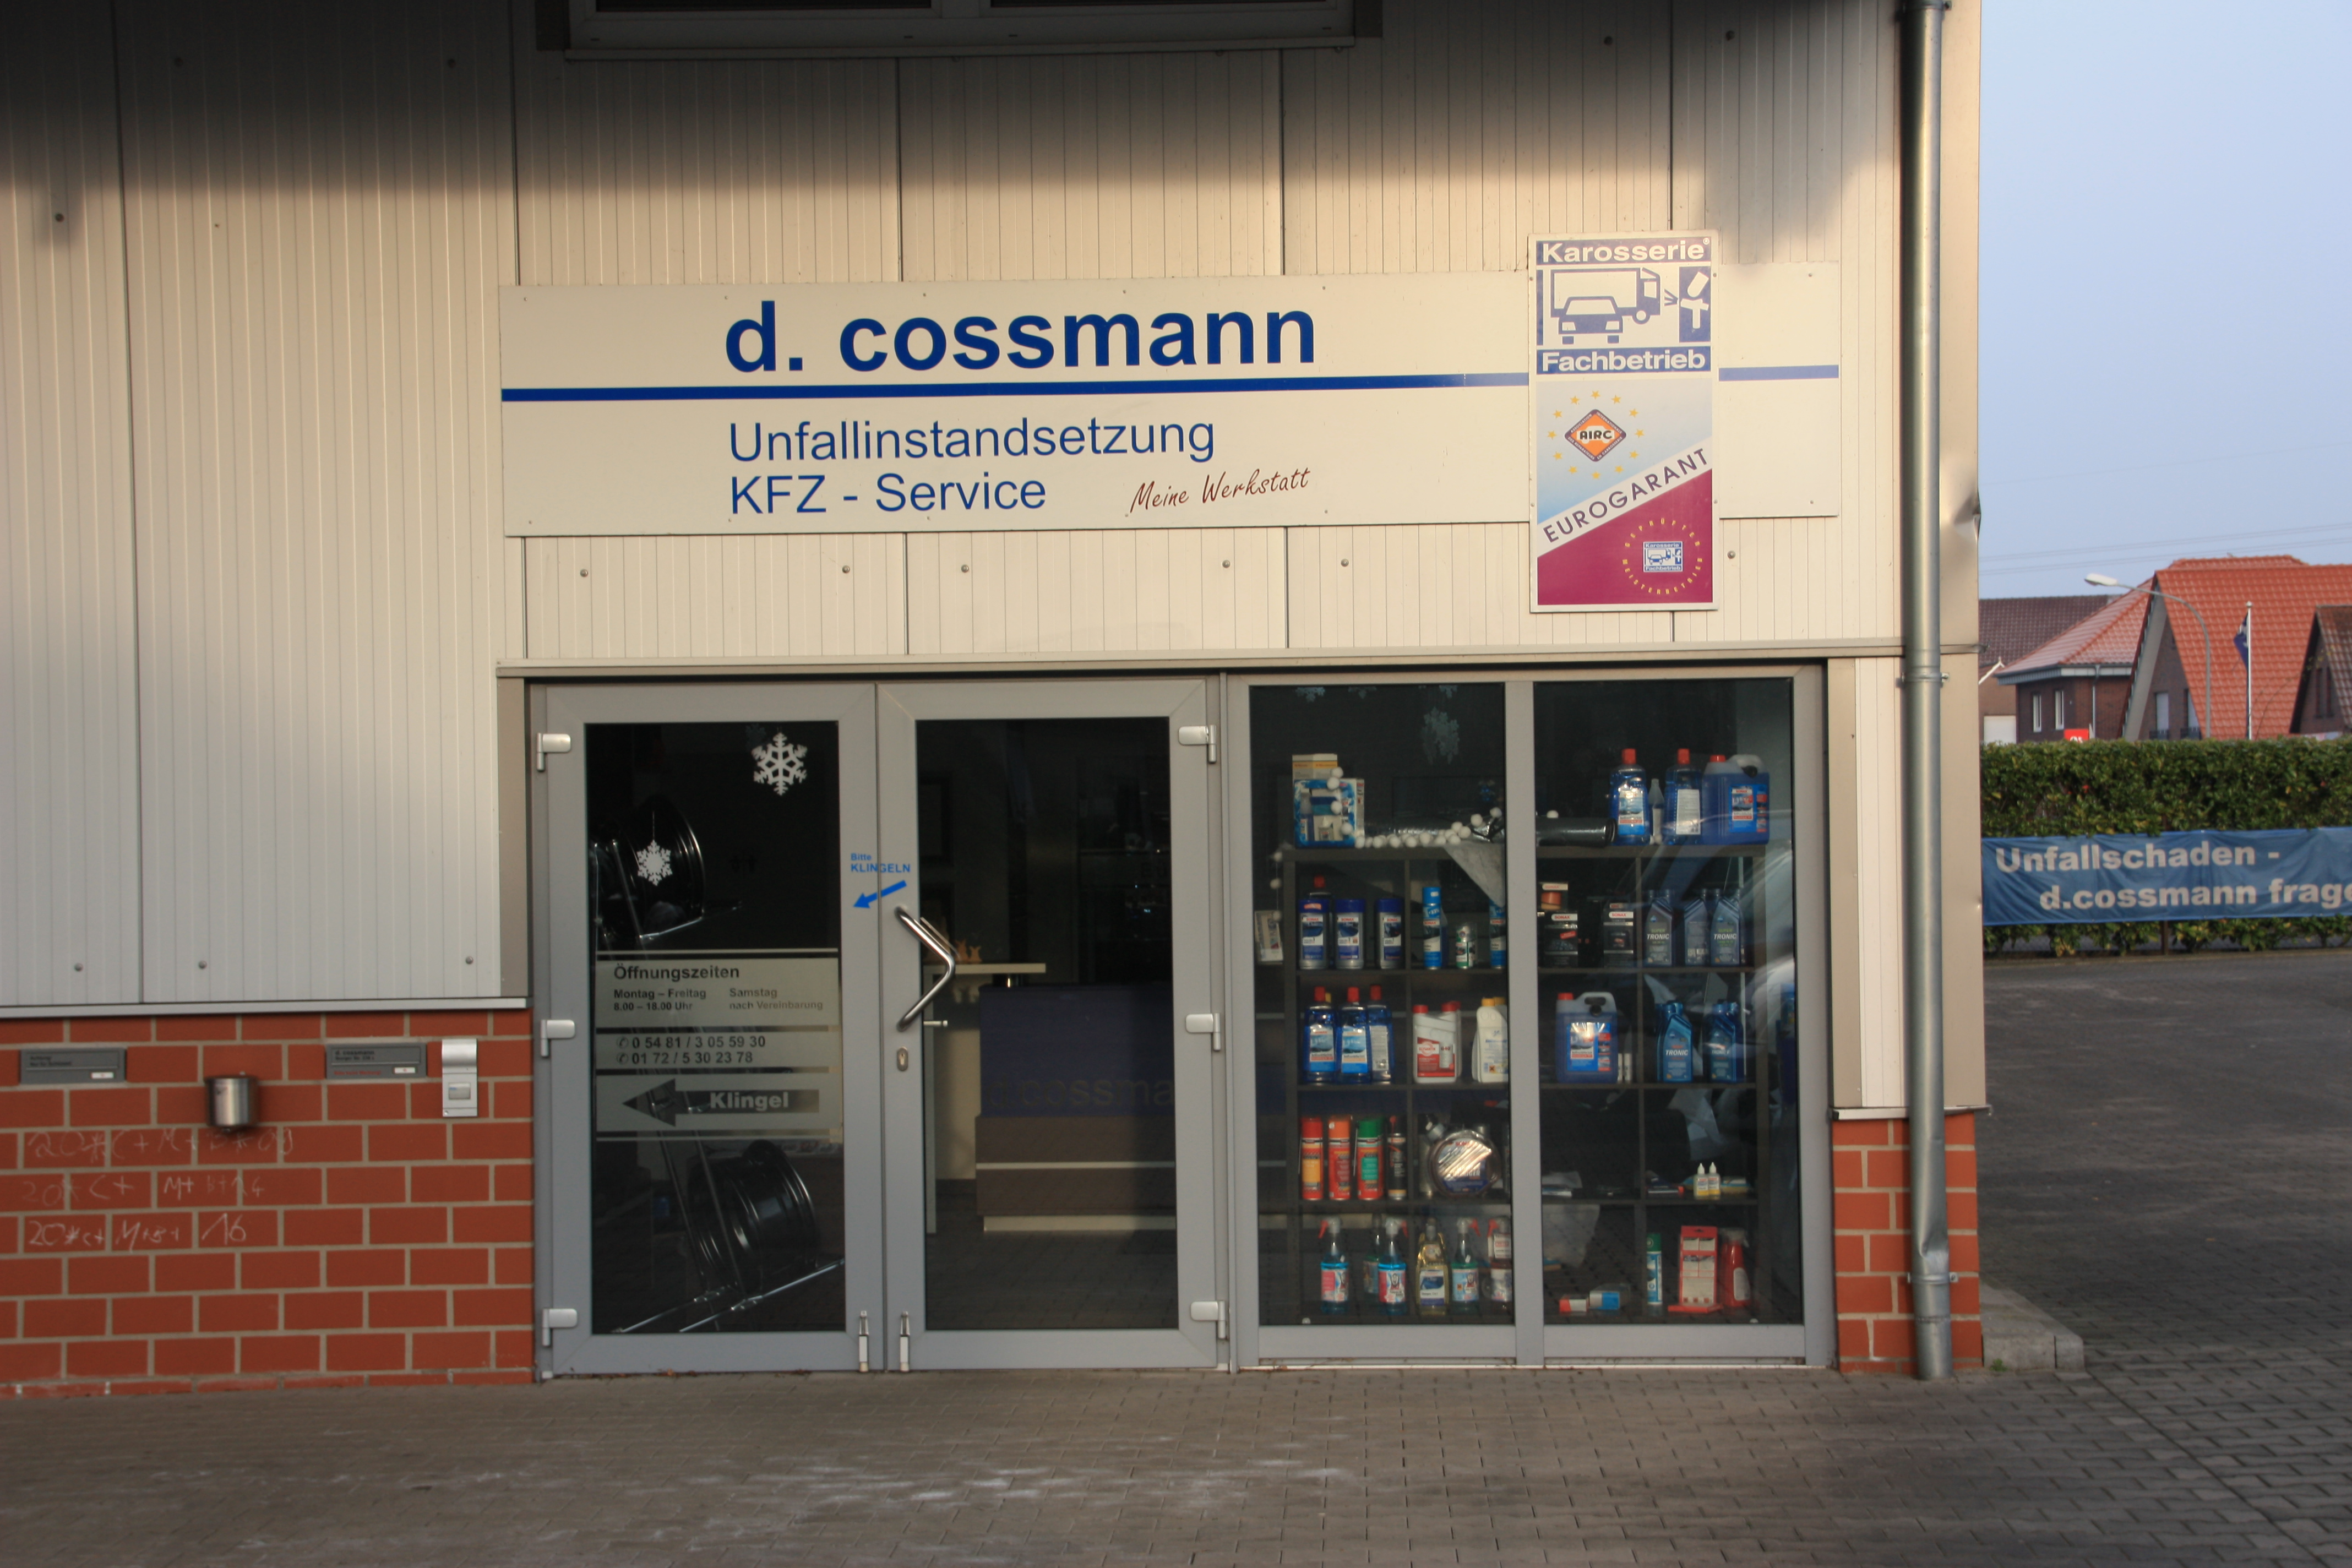 Firma d. cossmann in Lengerich, Haupteingang